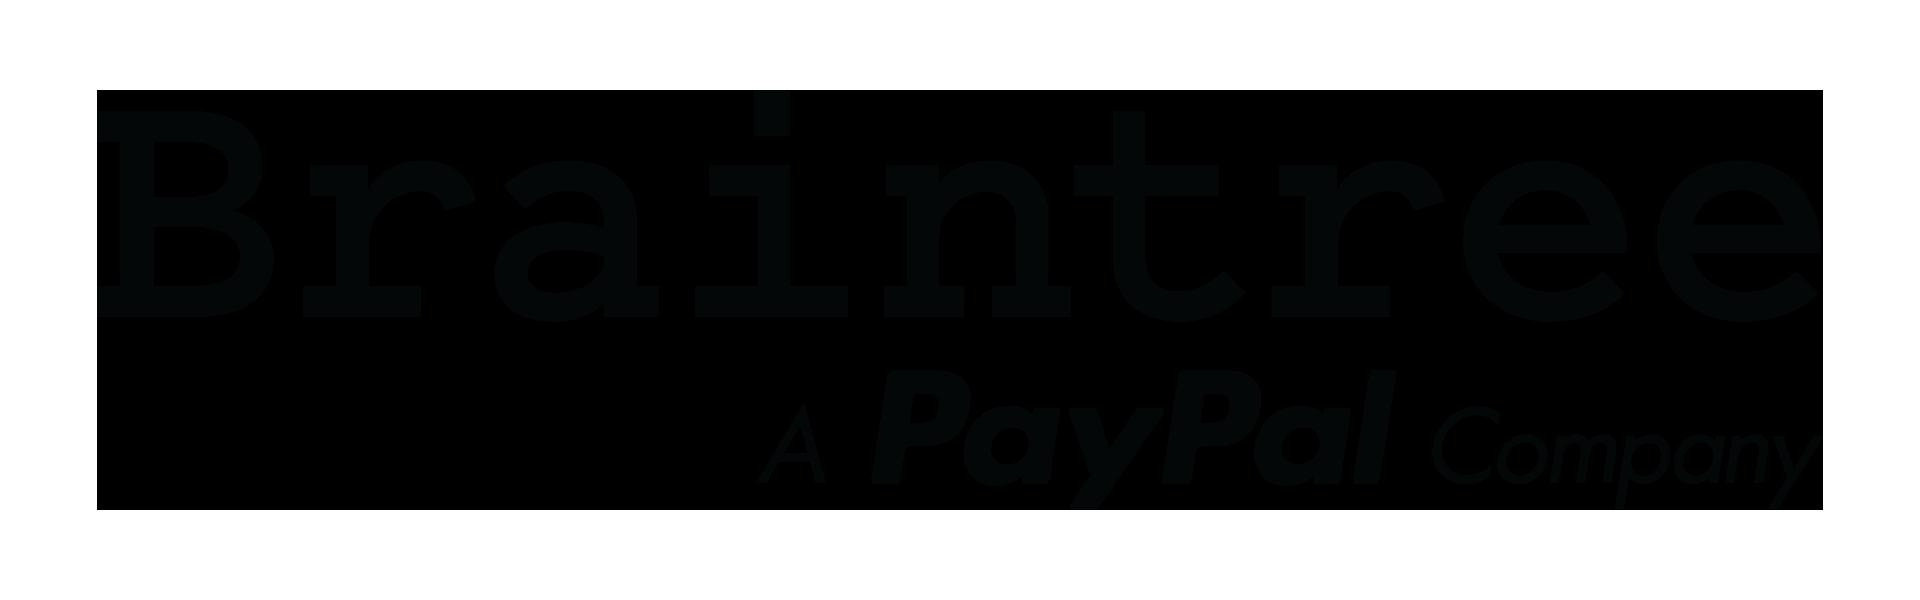 braintree-paypal.png